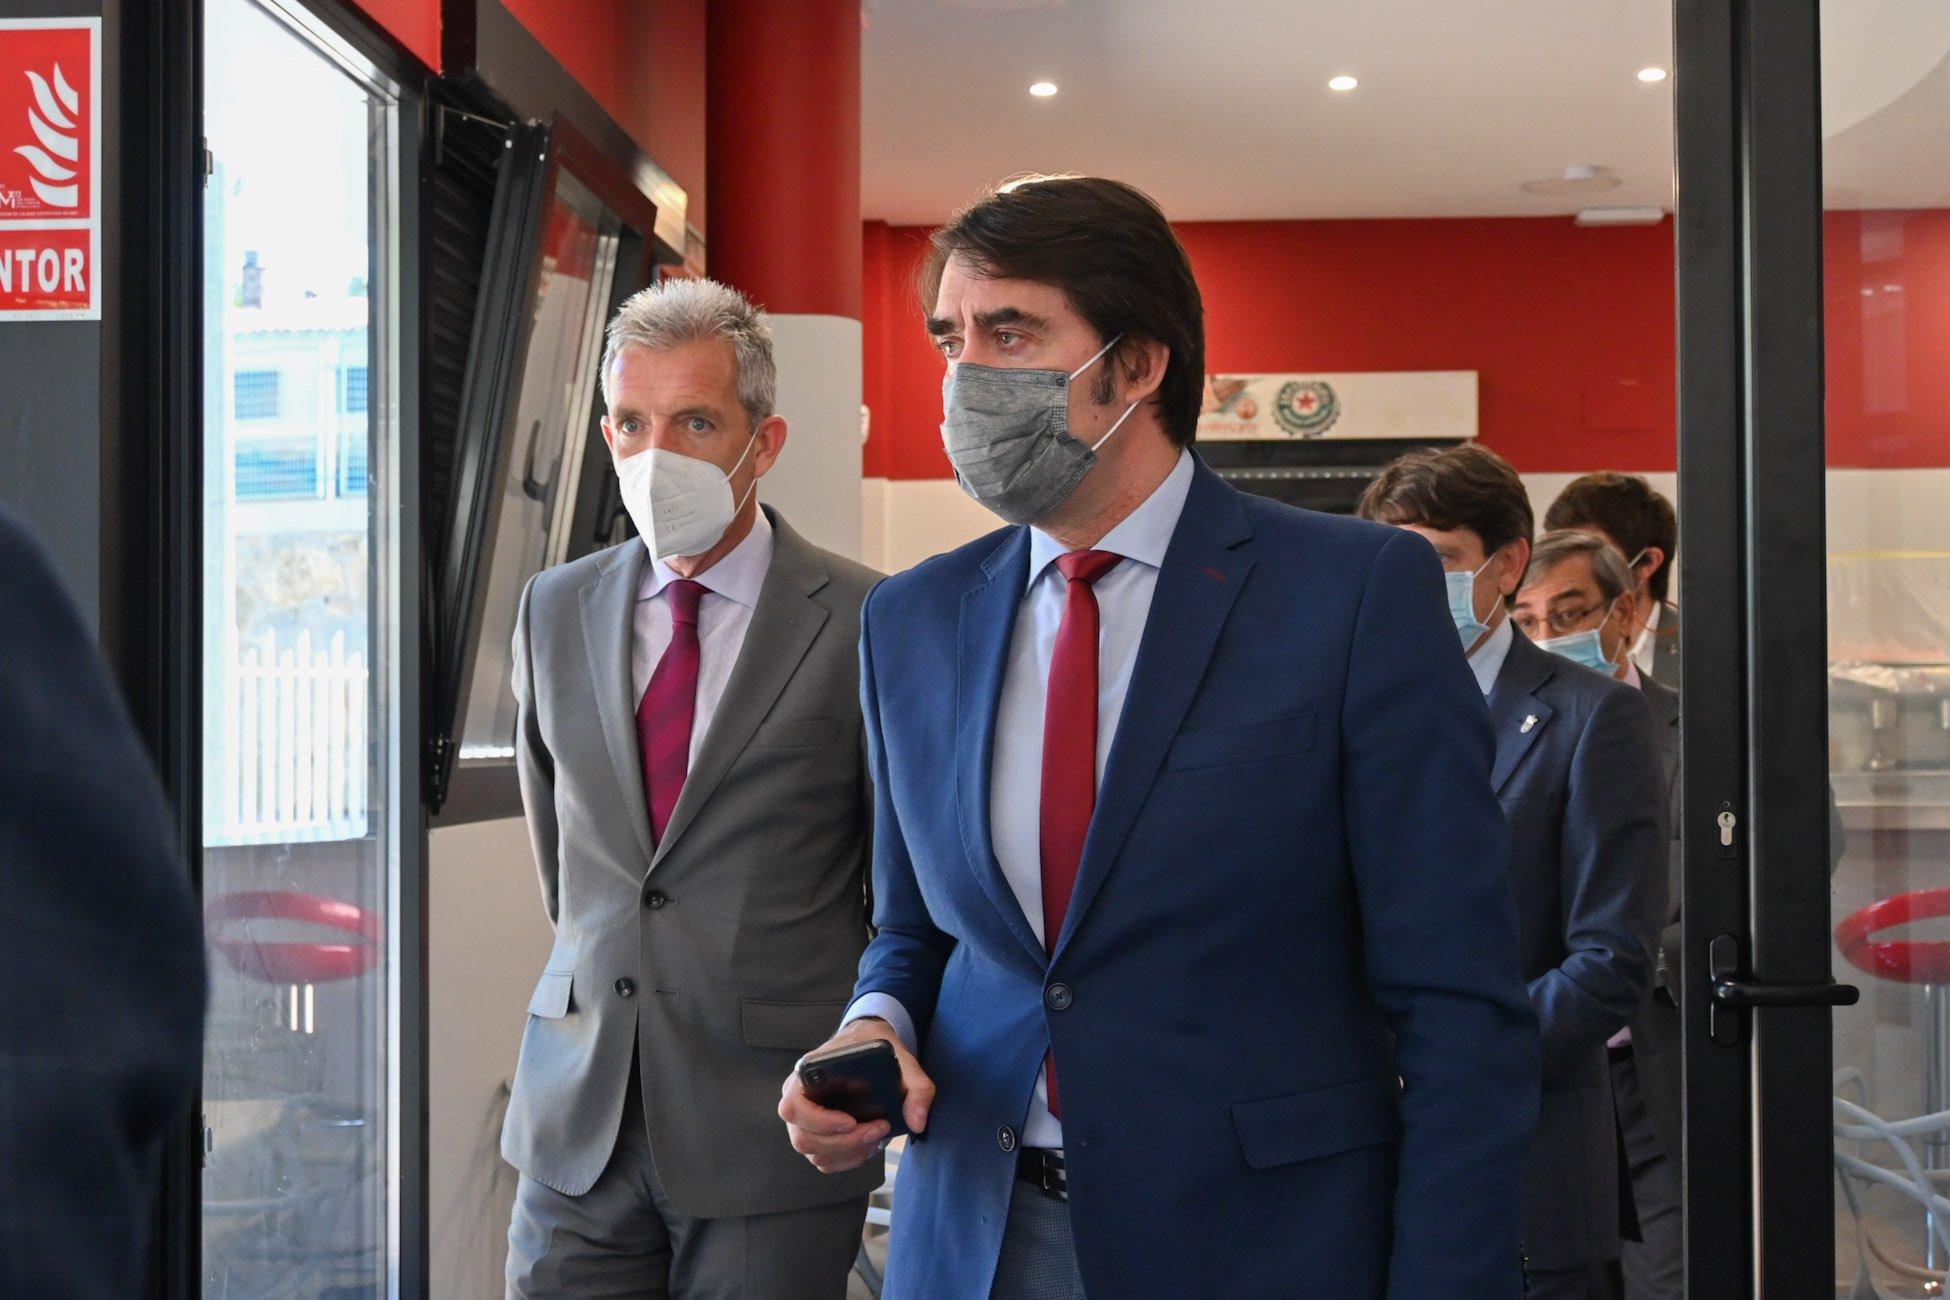 Consejero de Fomento y Medio Ambiente de la JCyL, Juan Carlos Suárez-Quiñones, y  delegado territorial de la Junta de Castilla y León, José Francisco Hernández